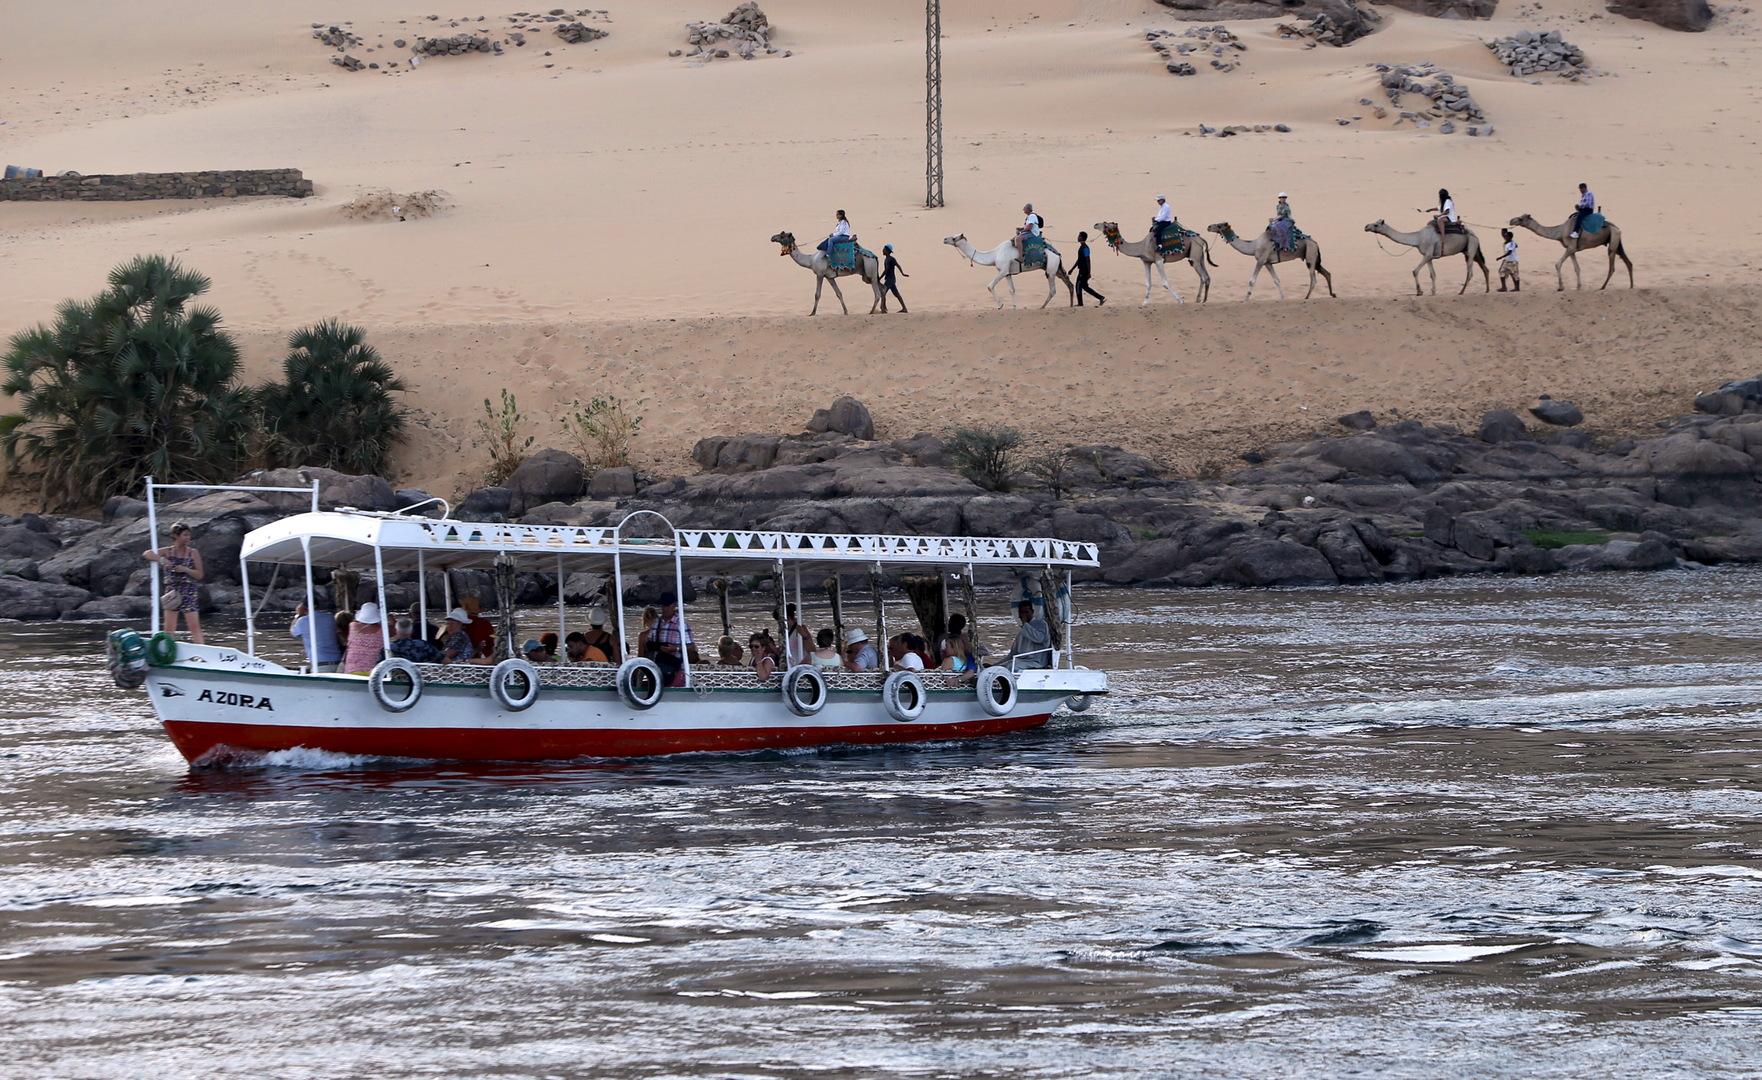 مصر.. مصدر أمني يكشف حقيقة مقتل مواطن بهجوم مسلح في أسوان